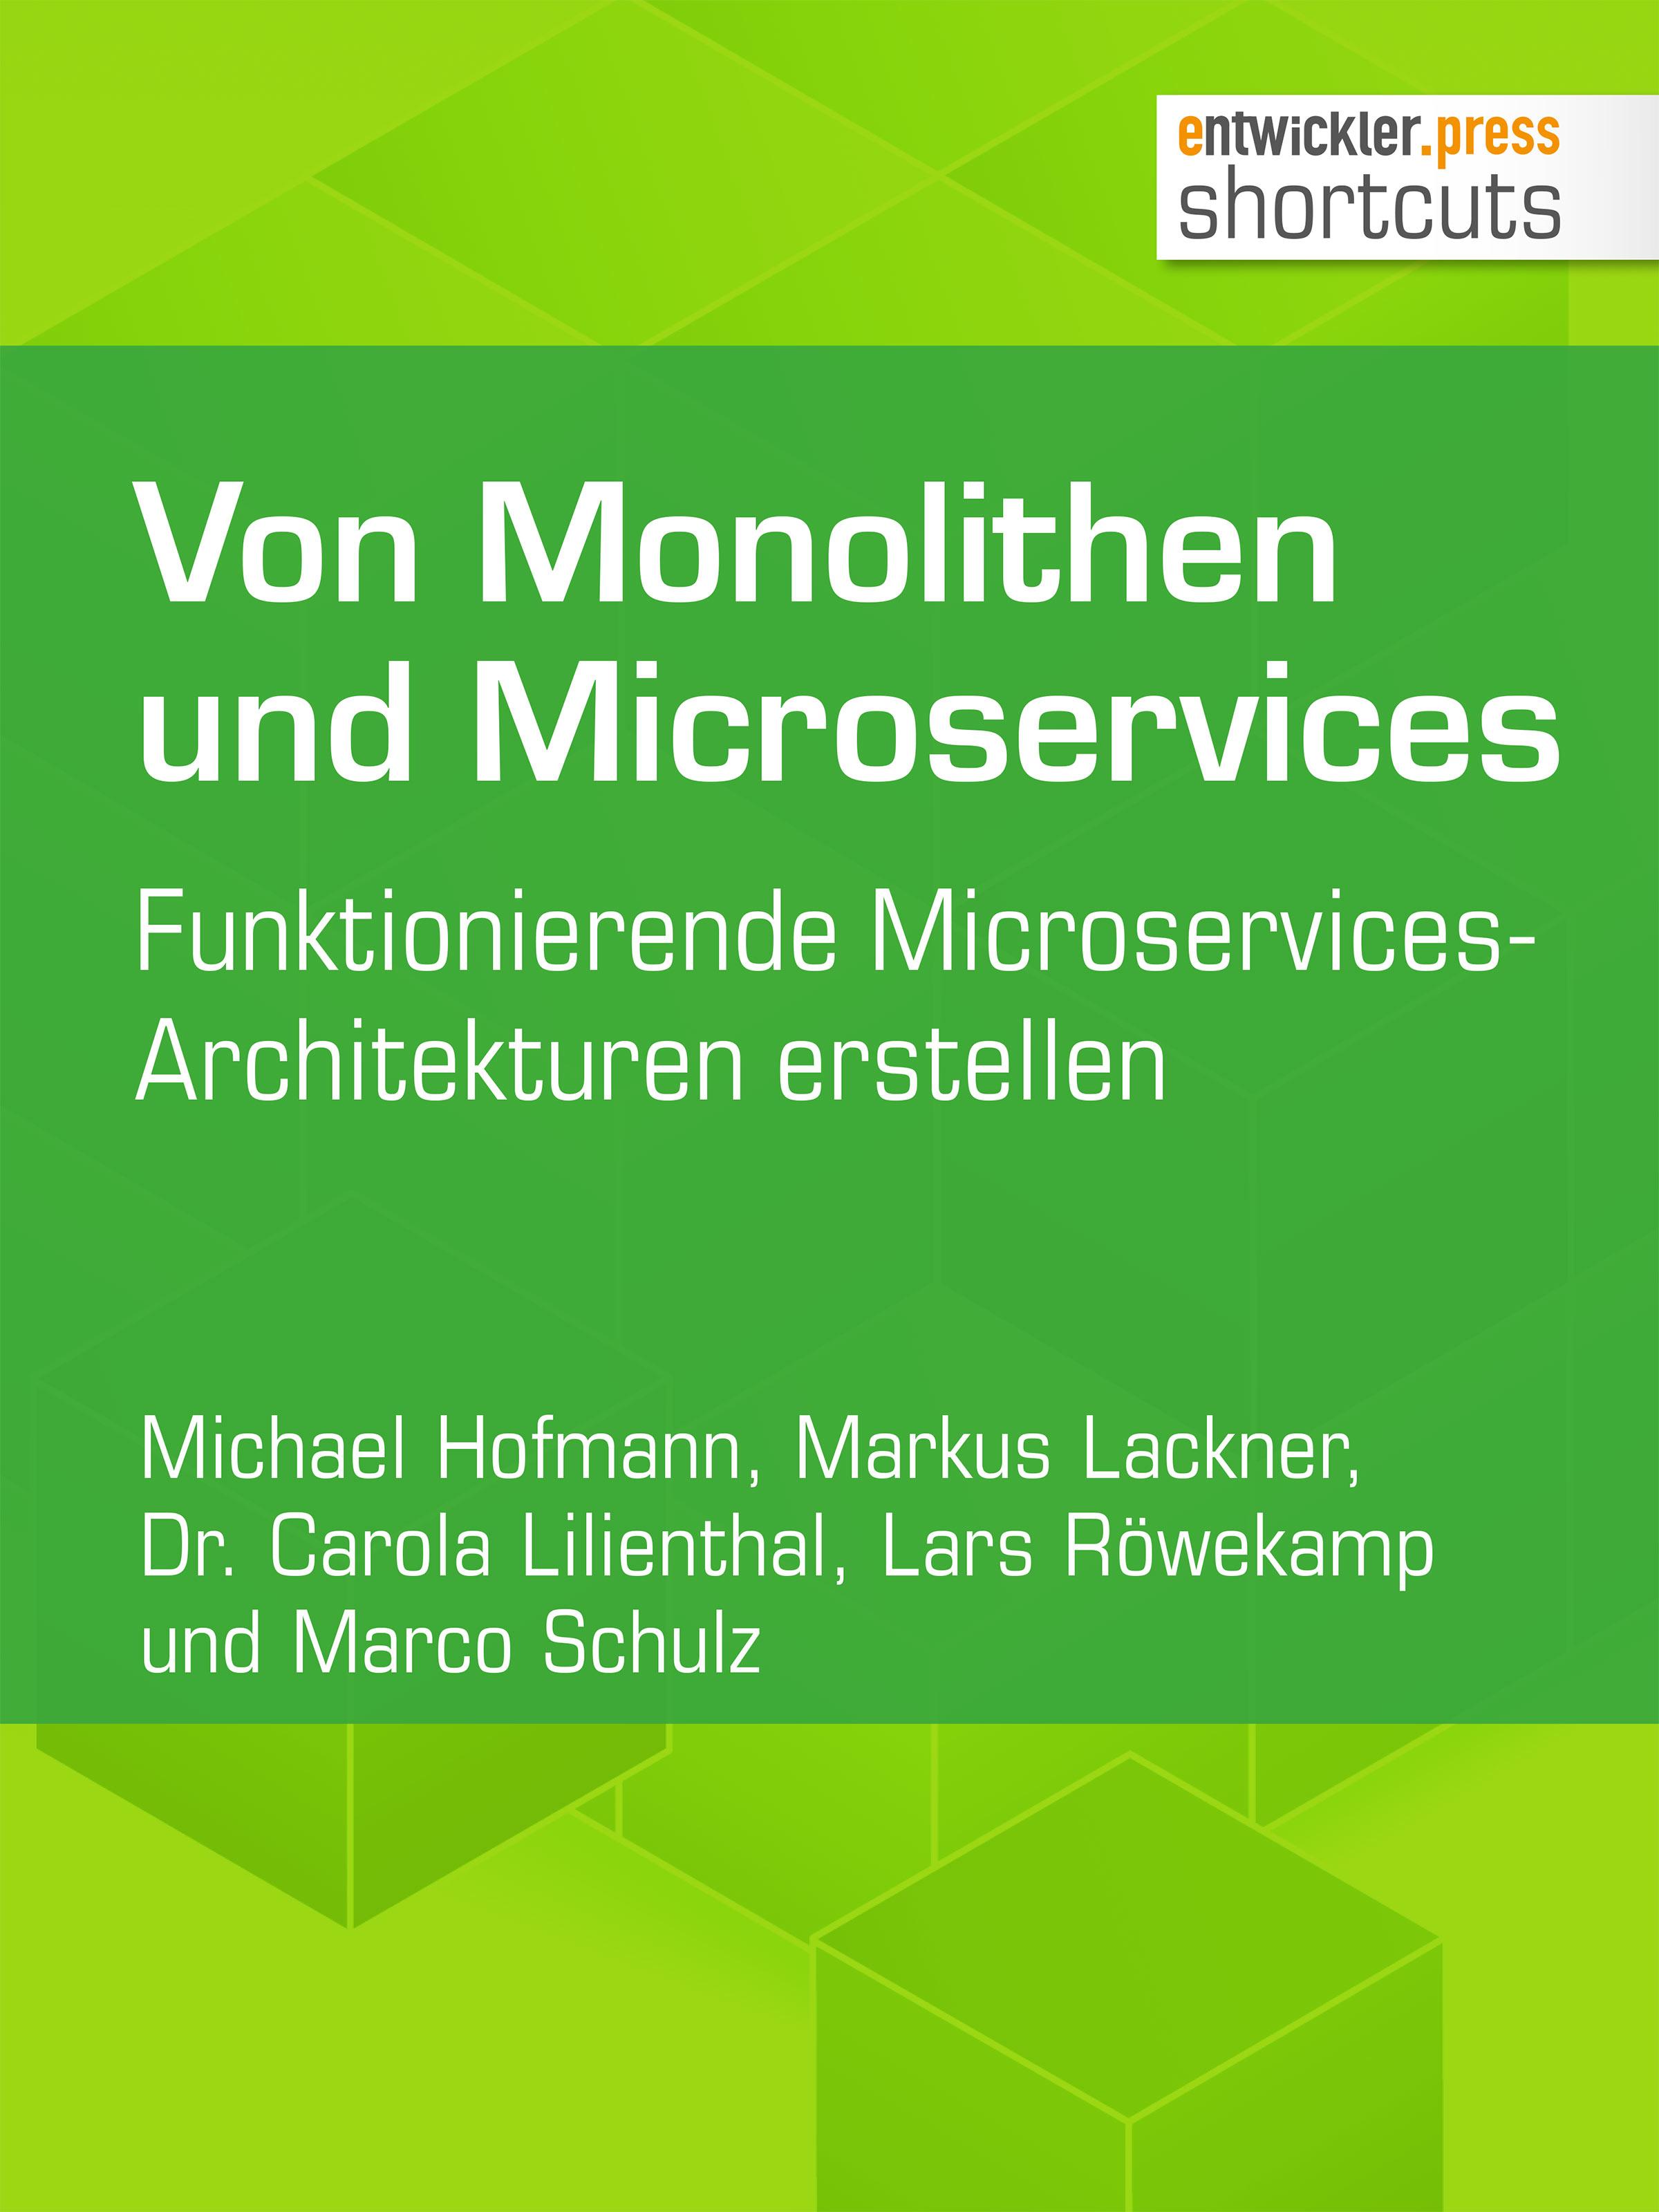 Michael Hofmann Von Monolithen und Microservices